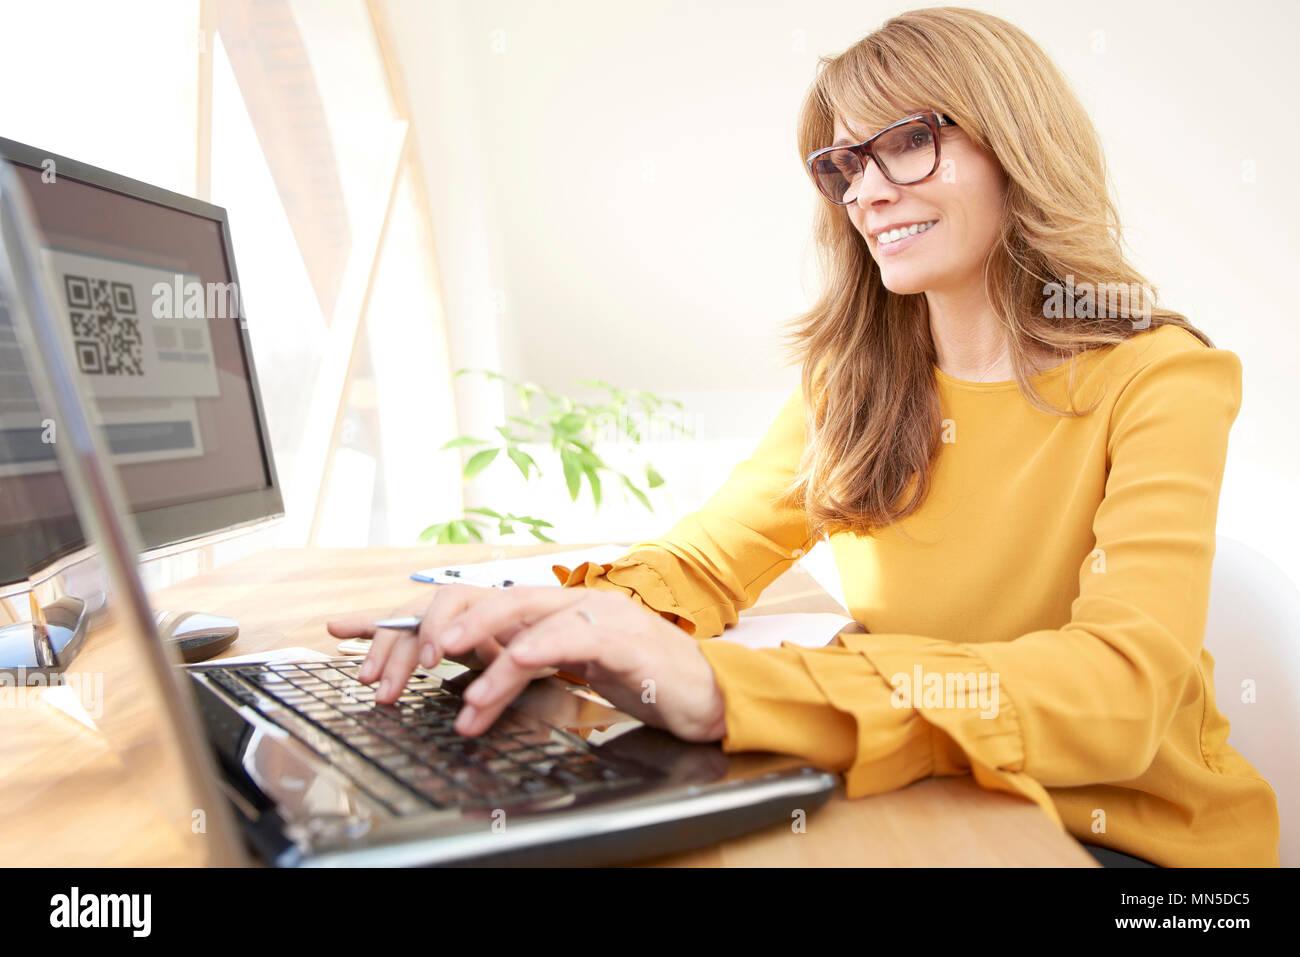 Empresaria madura sonriente escribiendo en el portátil mientras está sentado en la mesa y el trabajo en la oficina. Imagen De Stock